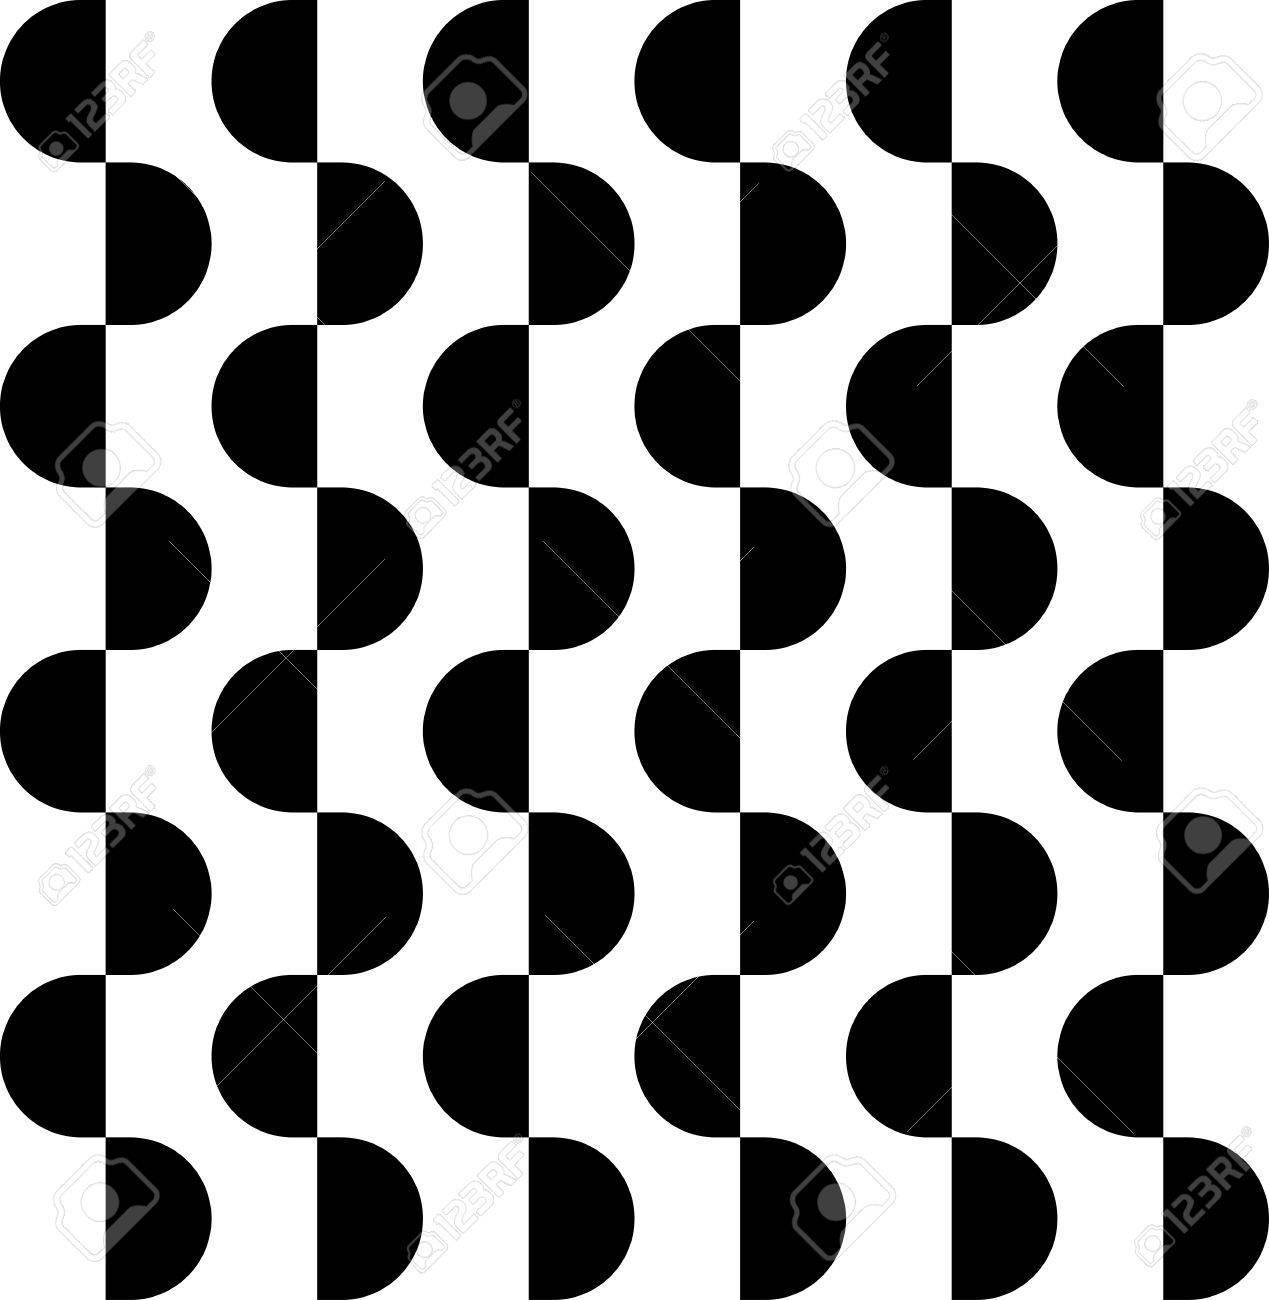 Disegni Geometrici Bianco E Nero in bianco e nero disegno geometrico senza soluzione di continuità con il  semicerchio, sfondo astratto, vettore, illustrazione.